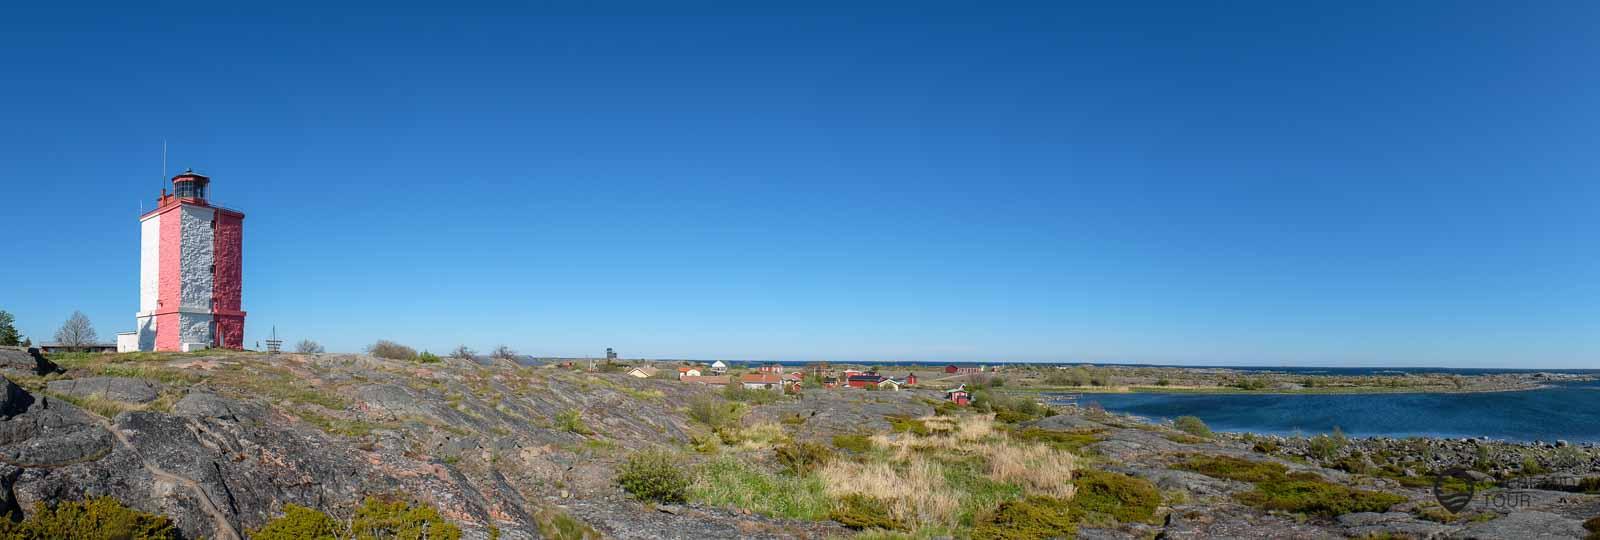 Der Leuchtturm von Utö am Horizont des Schärenmeers